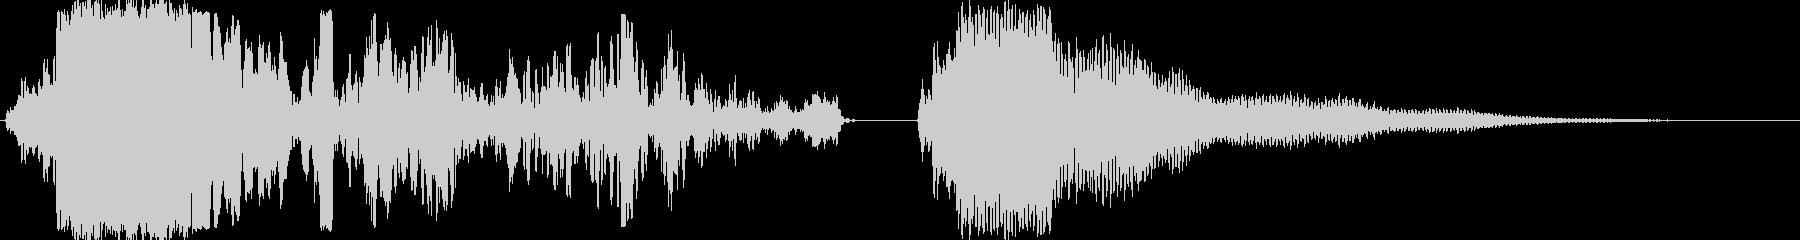 DJ,ラジオ,映像,クリエイター様に13の未再生の波形